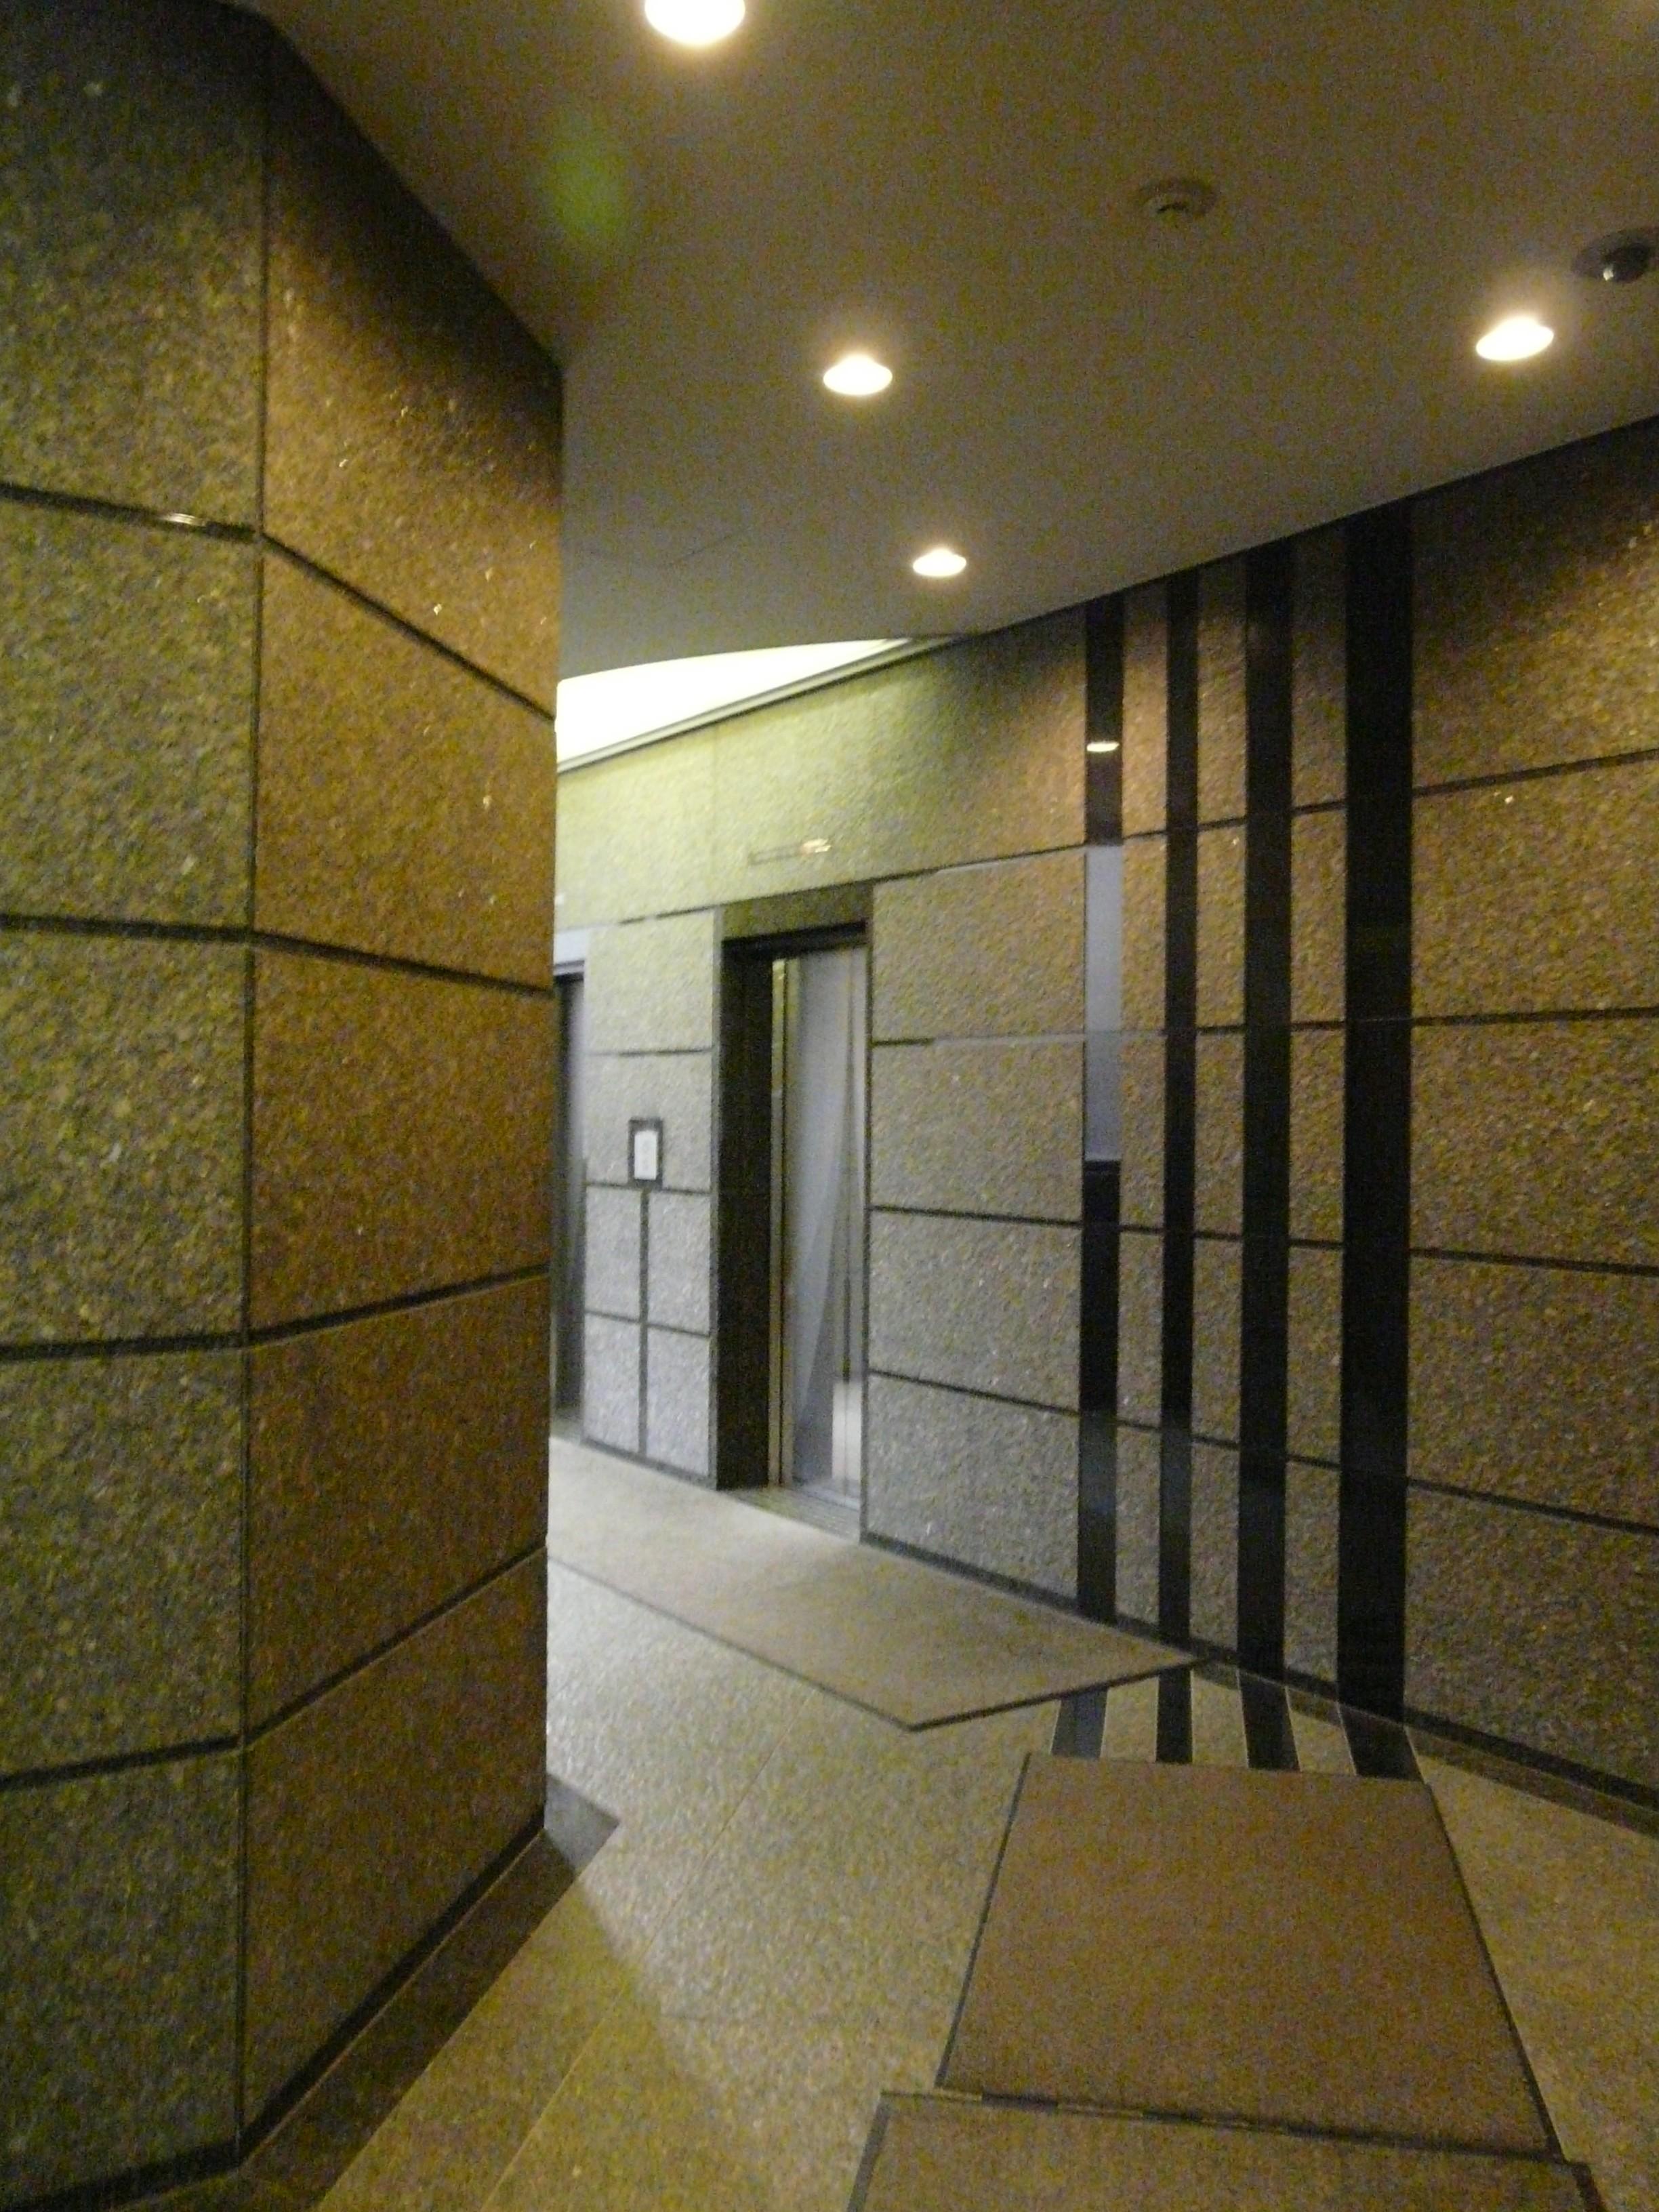 突き当りにエレベーターがありますので3階まで昇ってください。